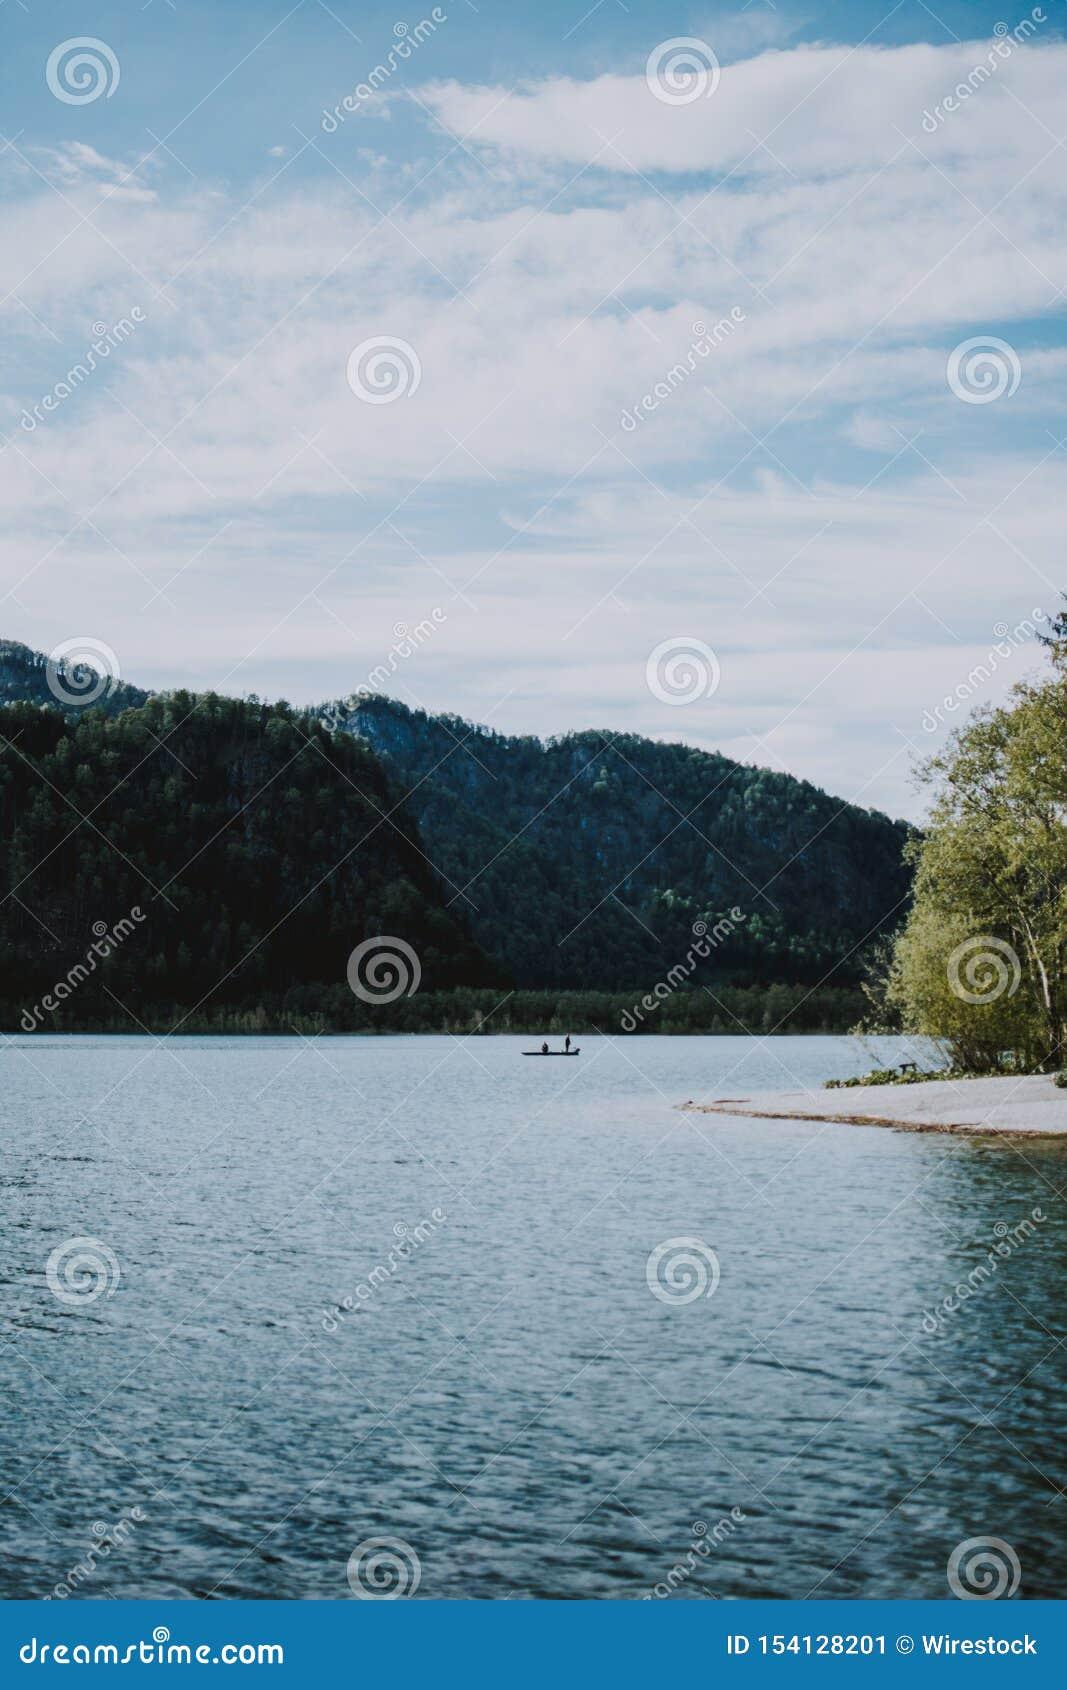 Όμορφος πυροβολισμός του τοπίου της λίμνης και του δάσους με την πρασινάδα